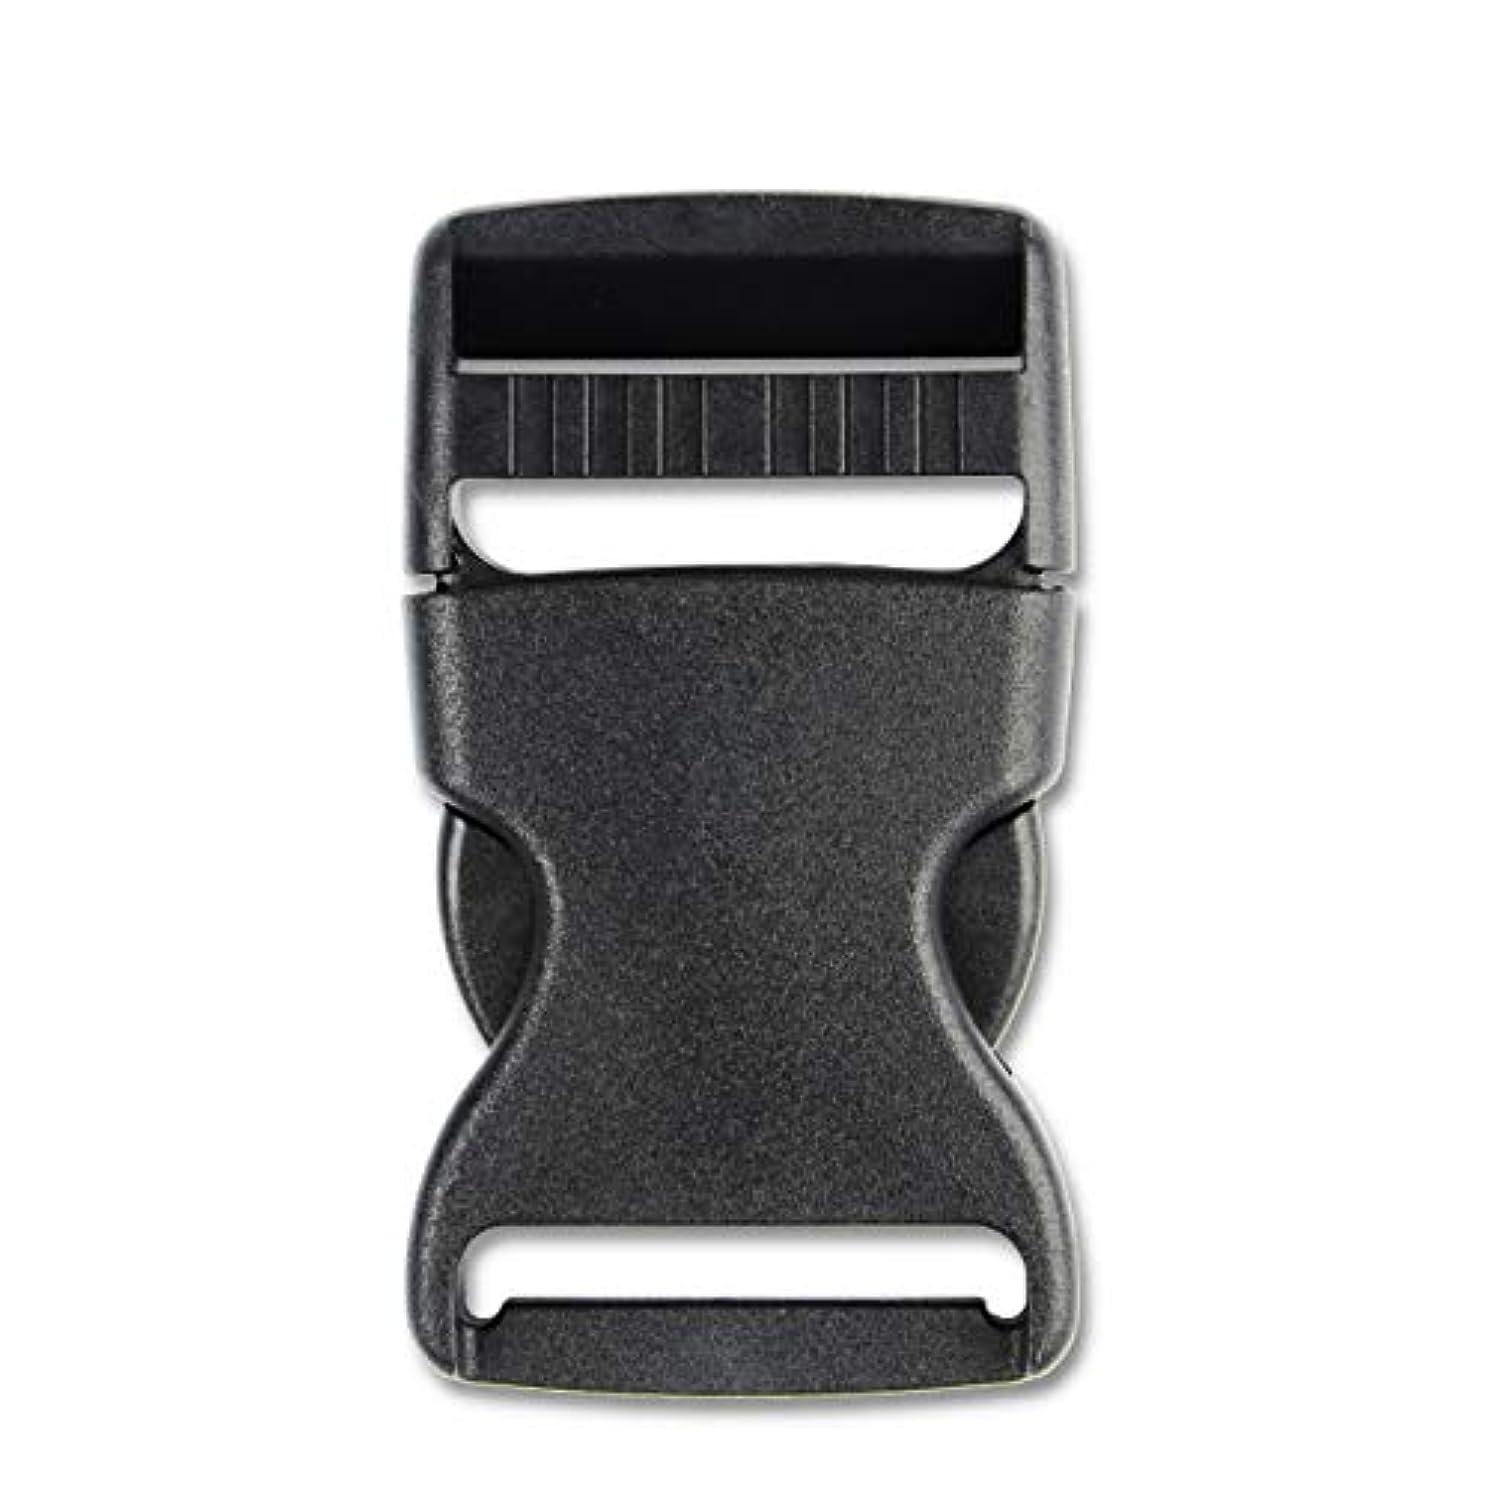 Adjustable 1.5''(38mm) Side Release Buckles (4PCS, Black)